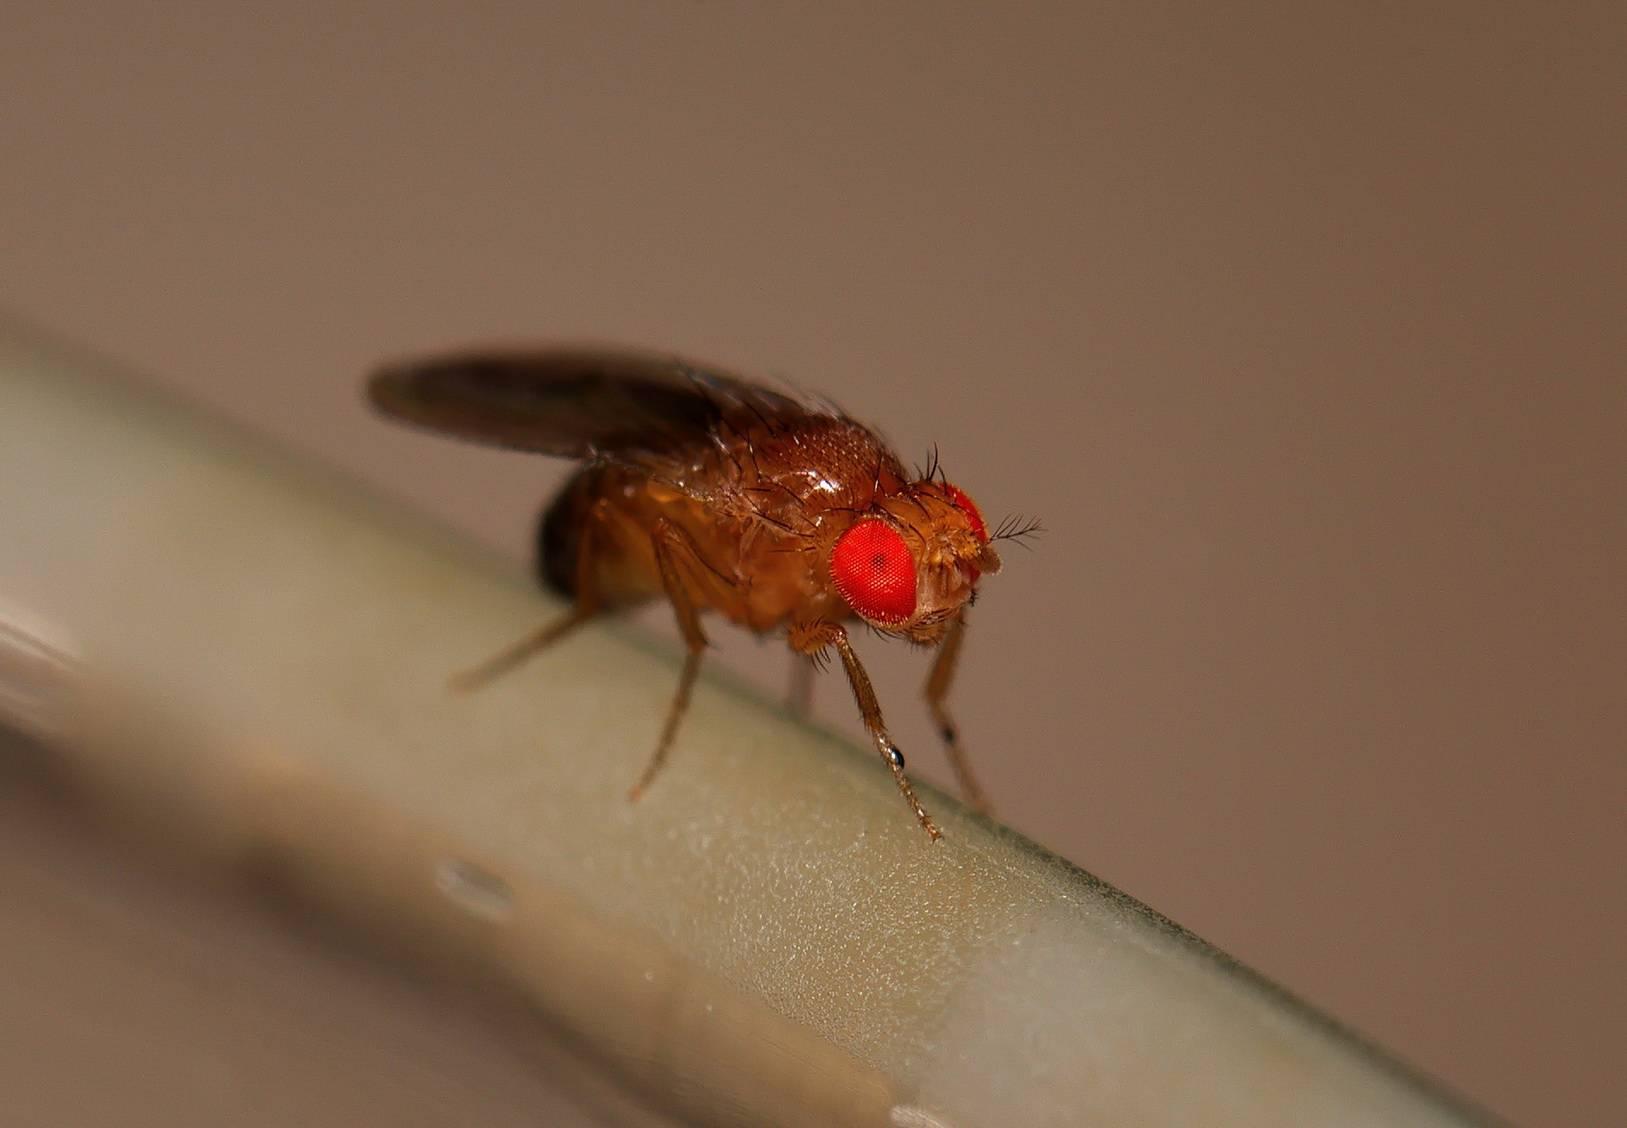 Откуда зимой берутся мухи в доме и как избавиться от мух и от мошек?